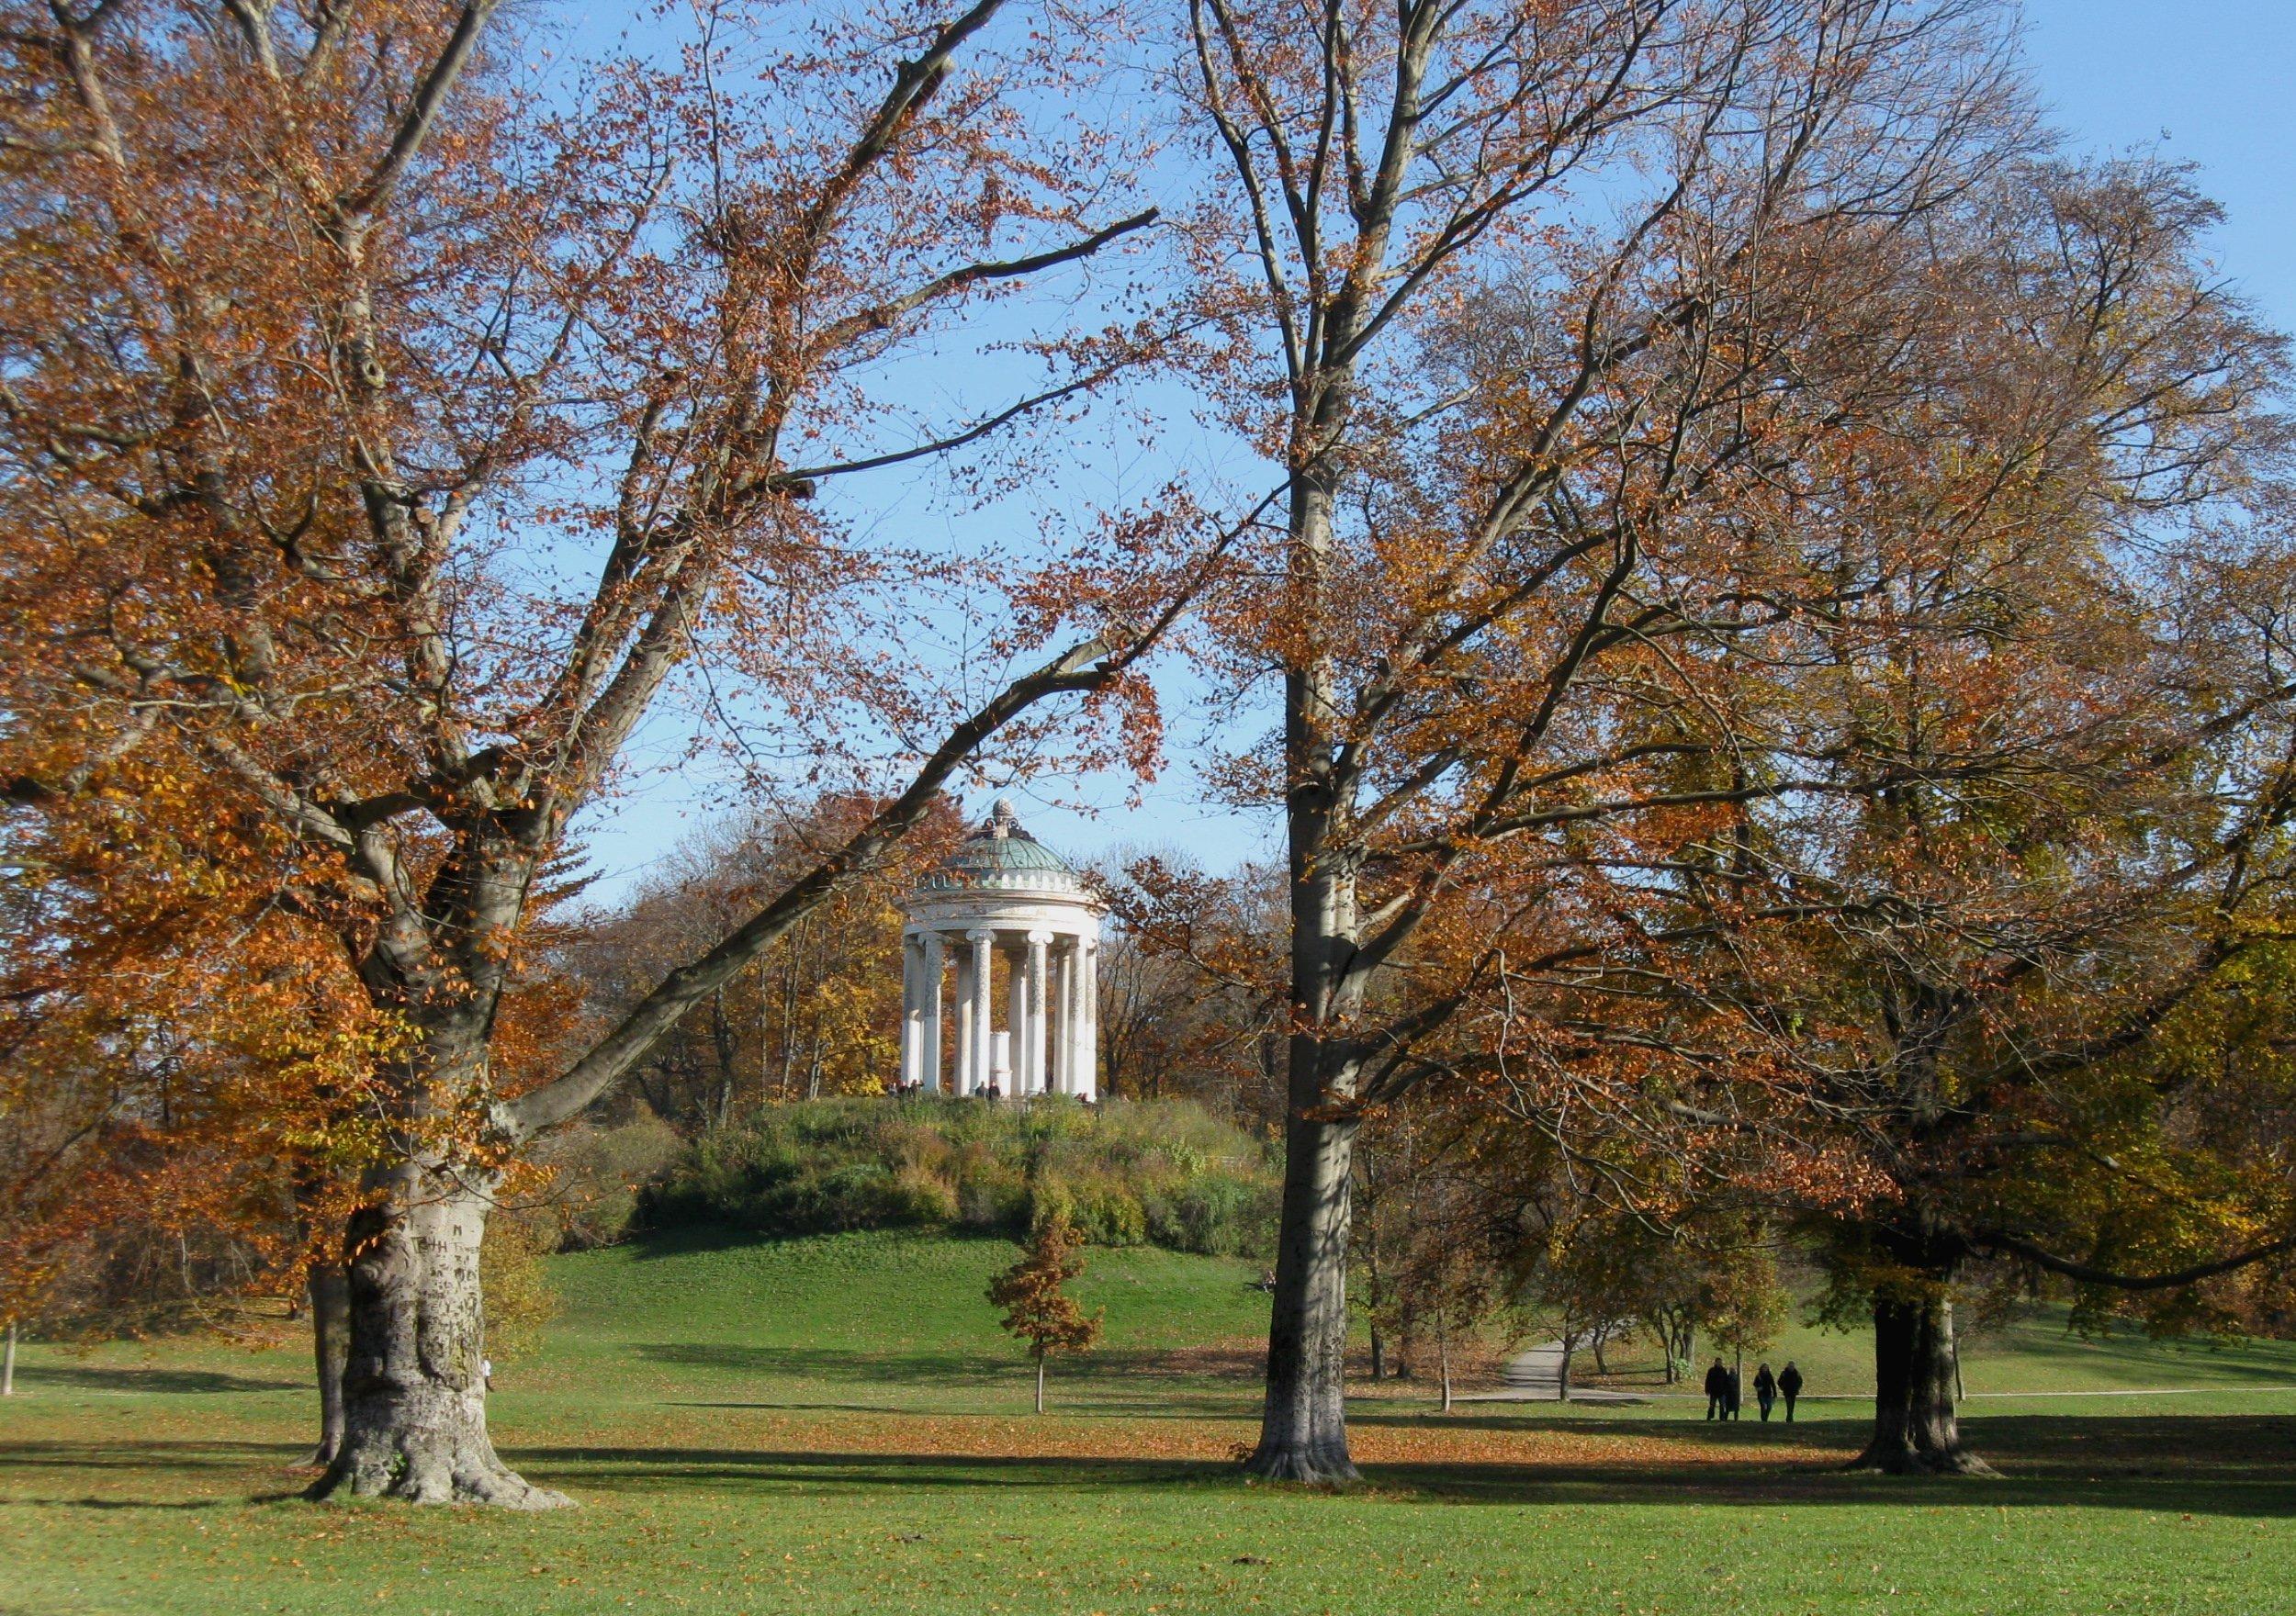 Fileenglischer Garten Monopteros Herbst 1jpg Wikimedia Commons